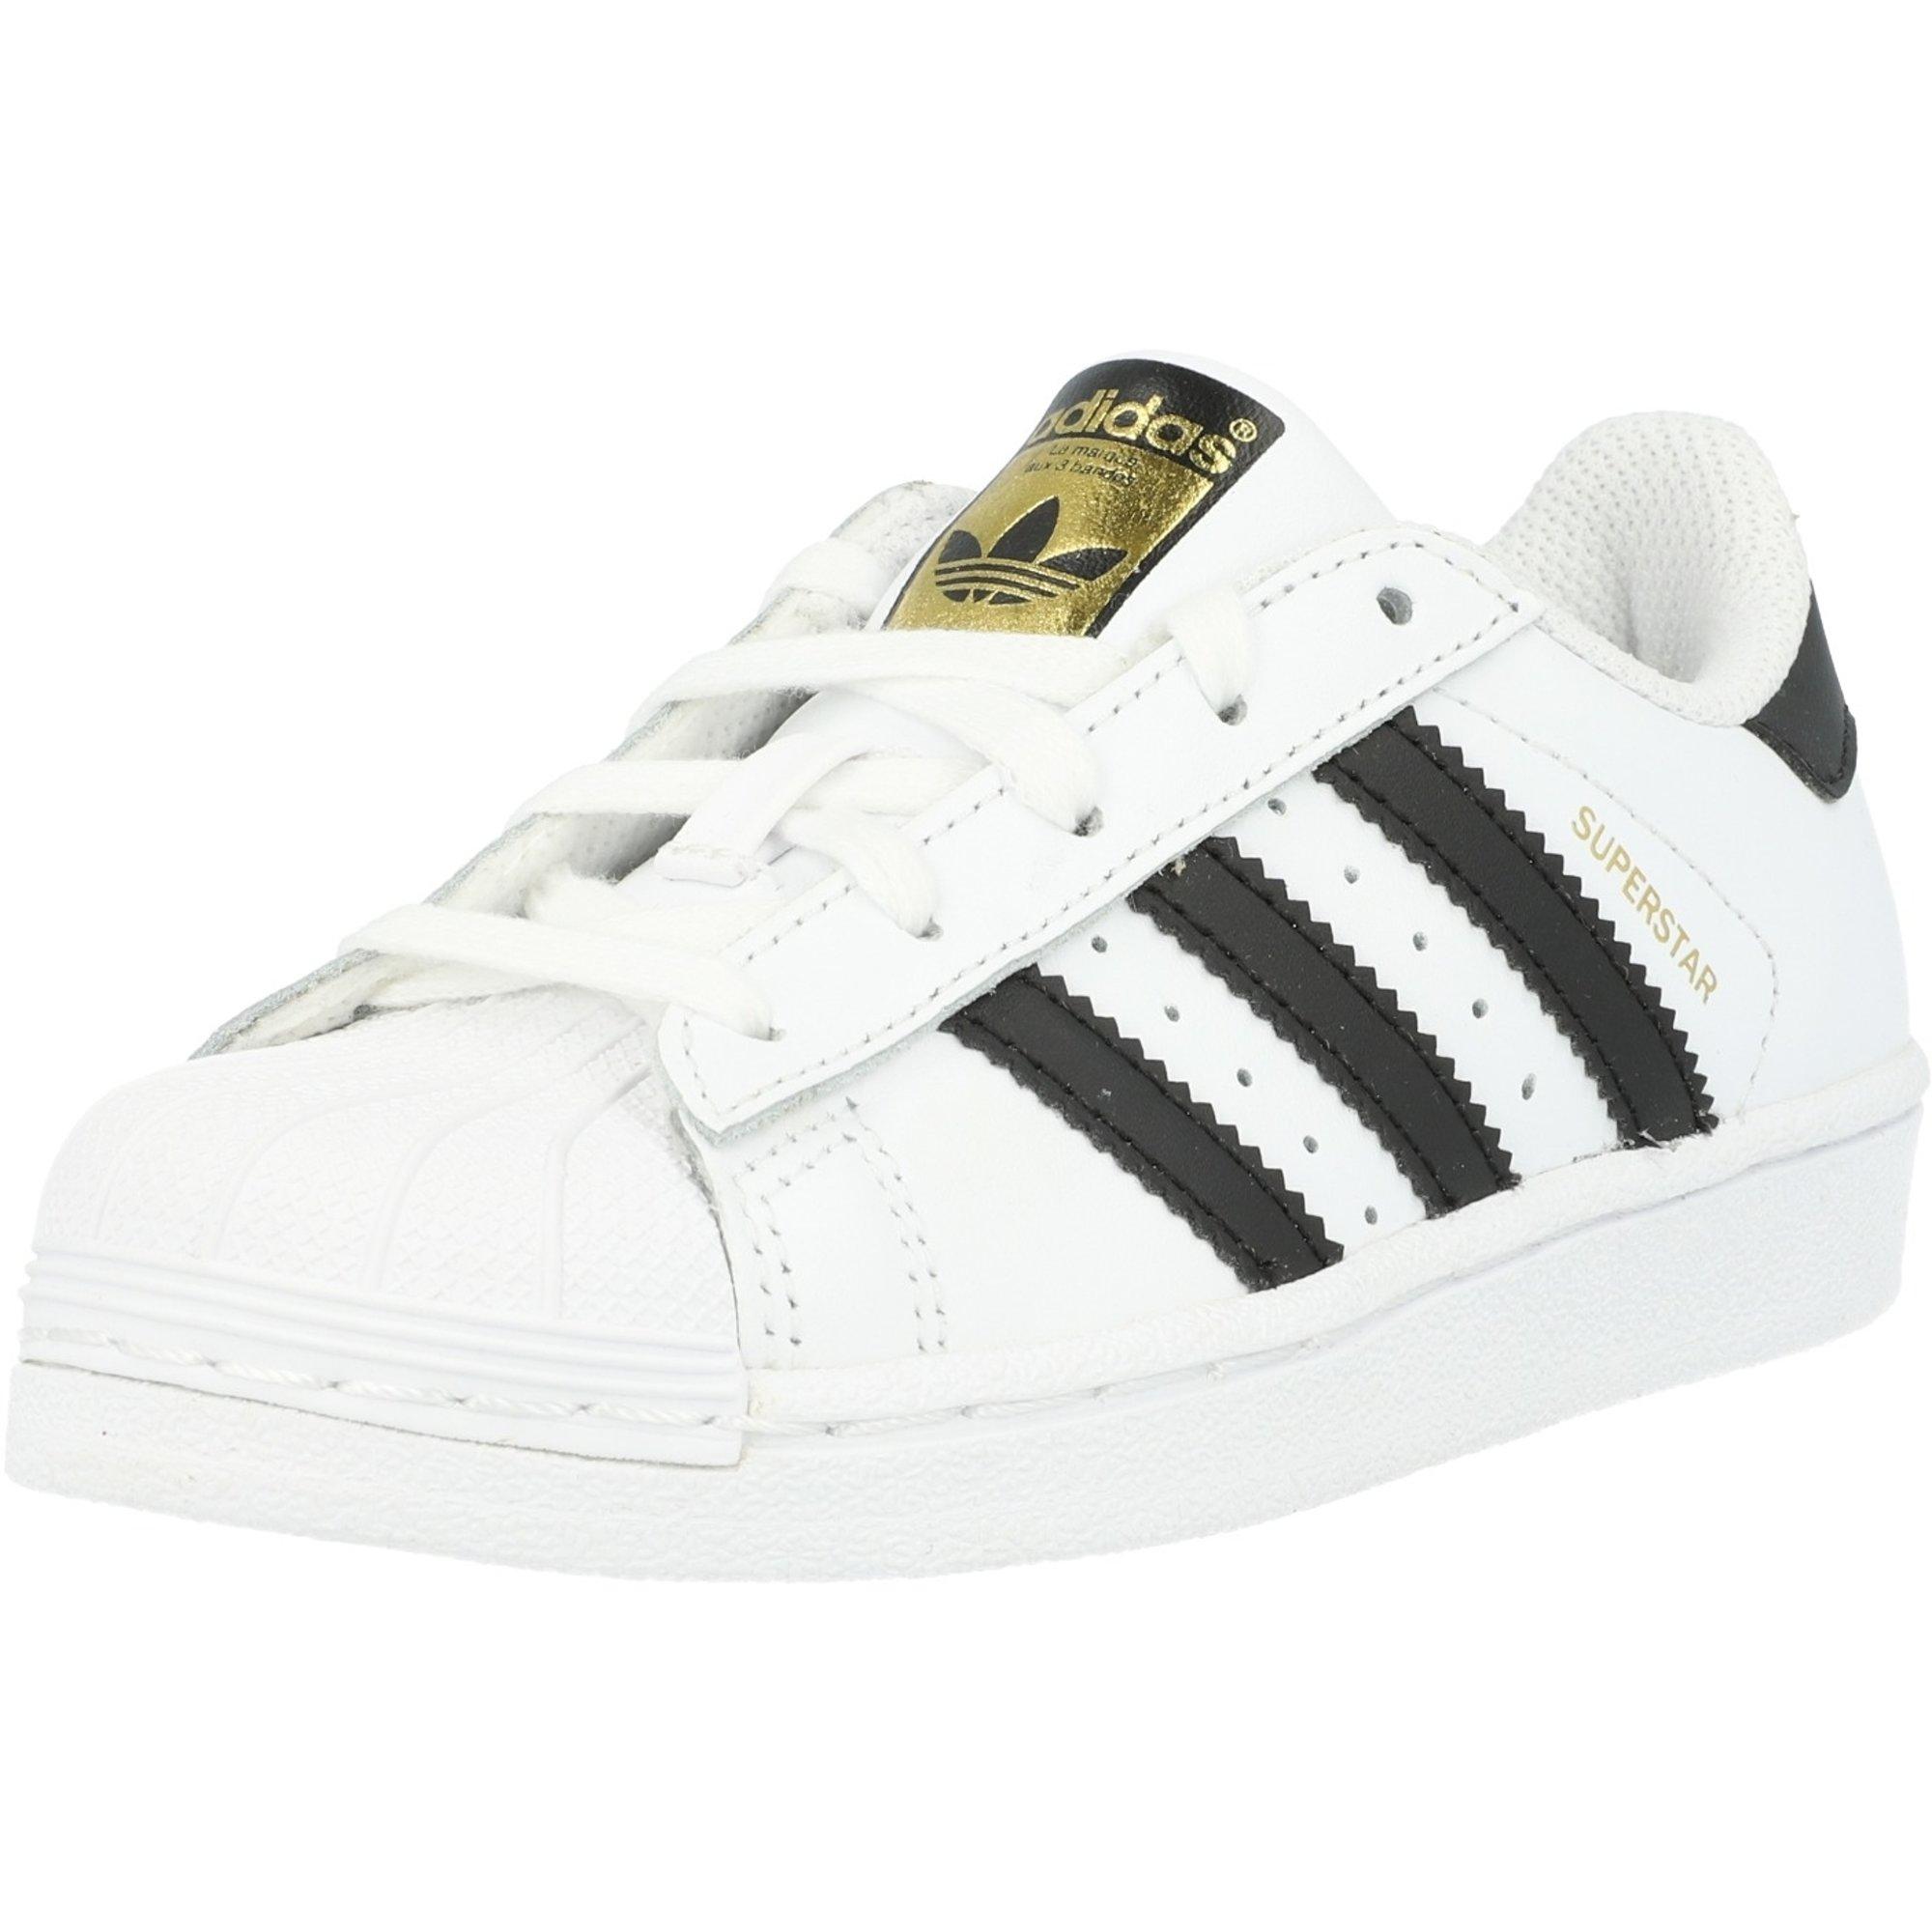 adidas Originals Superstar C White/Black Leather